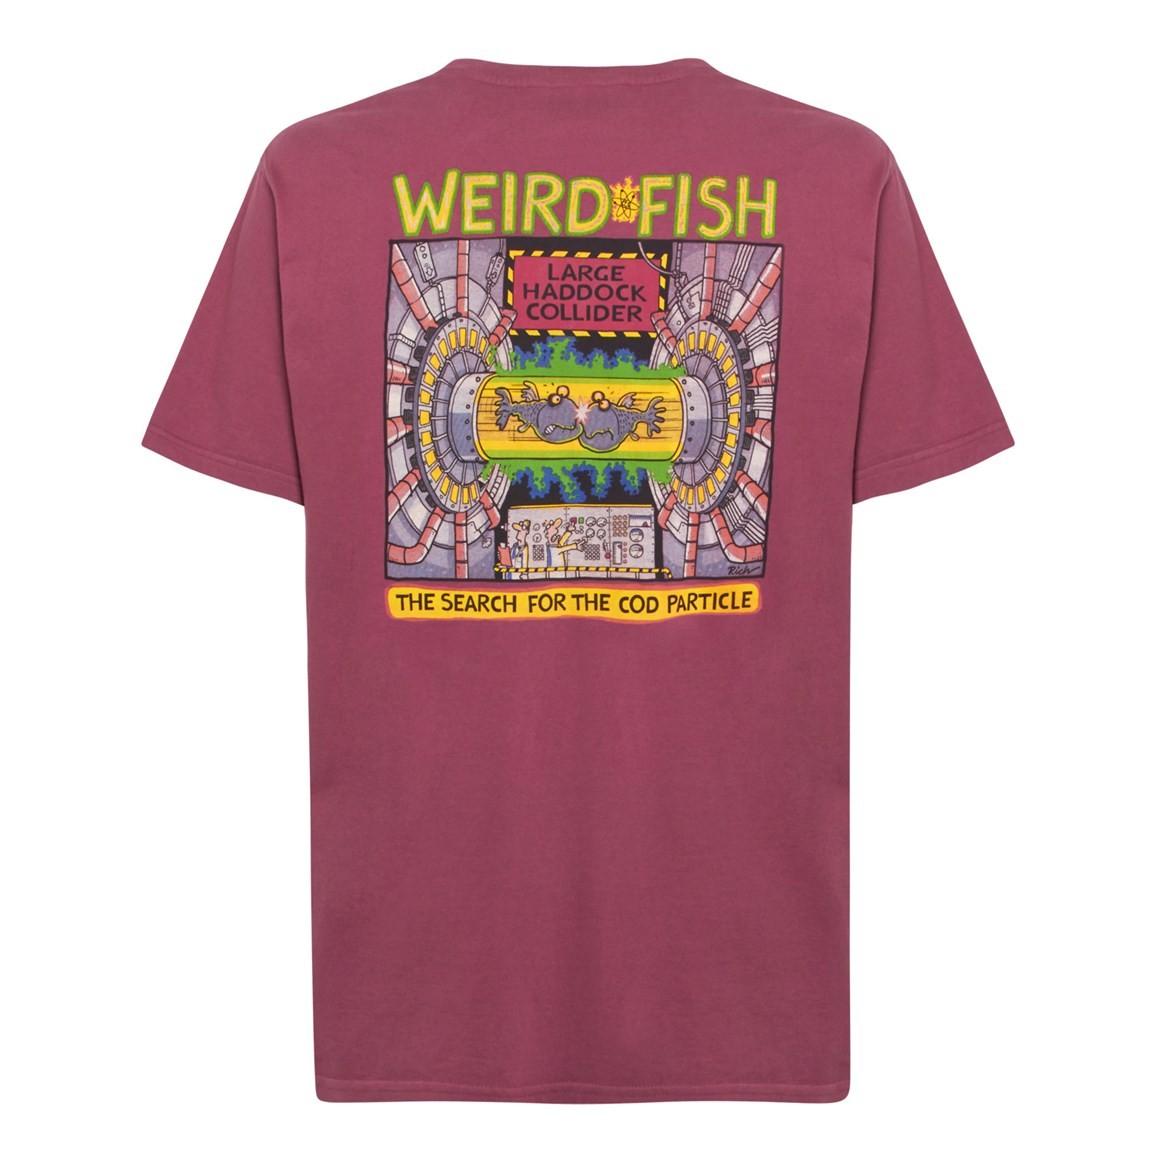 Weird Fish Haddock Collider Back Print Artist T-Shirt Soft Port Size 2XL